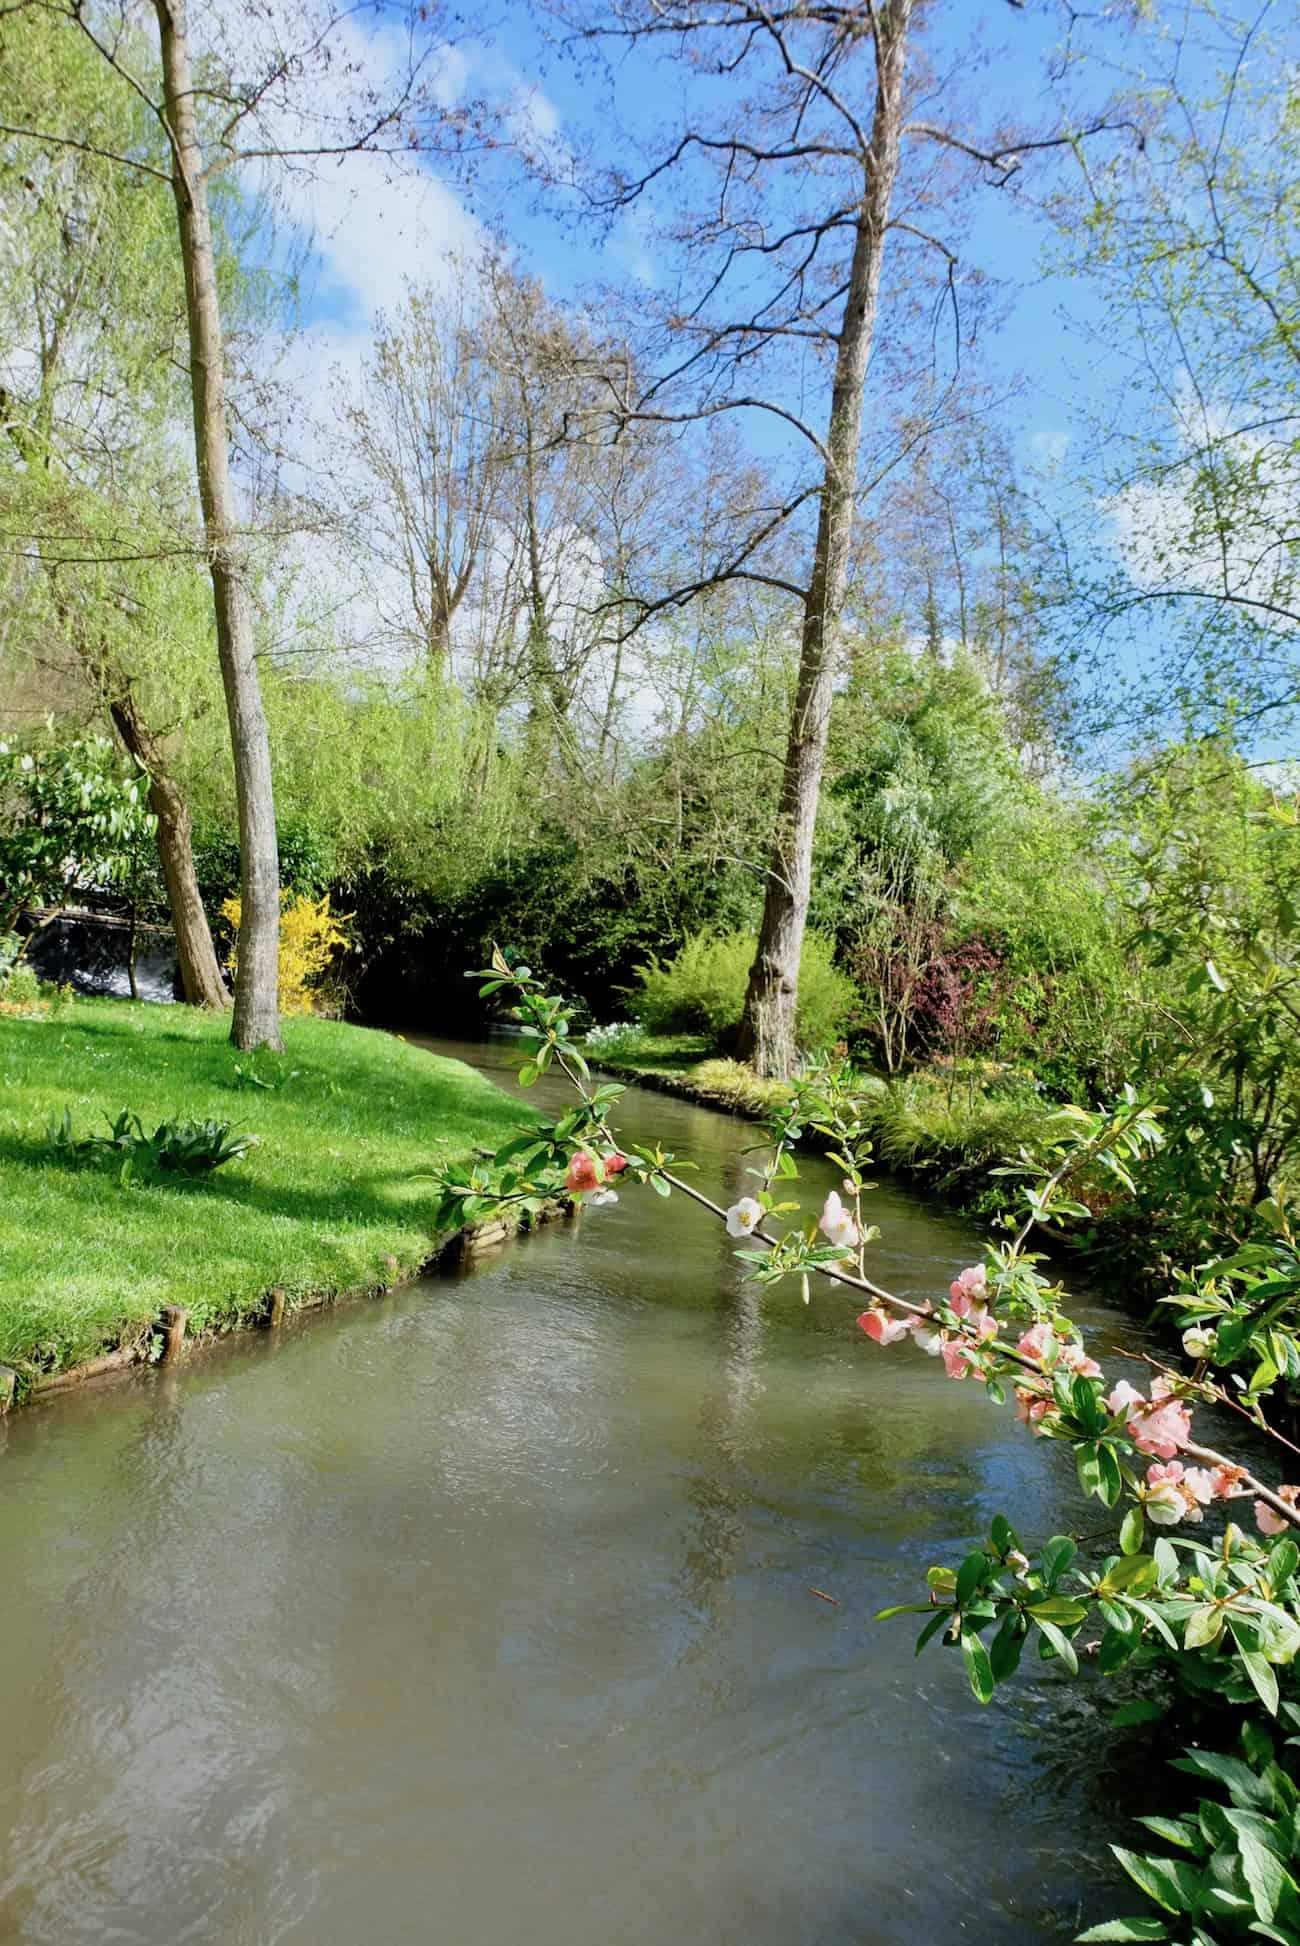 jardin-fondation-claude-monet-giverny-depuis-paris